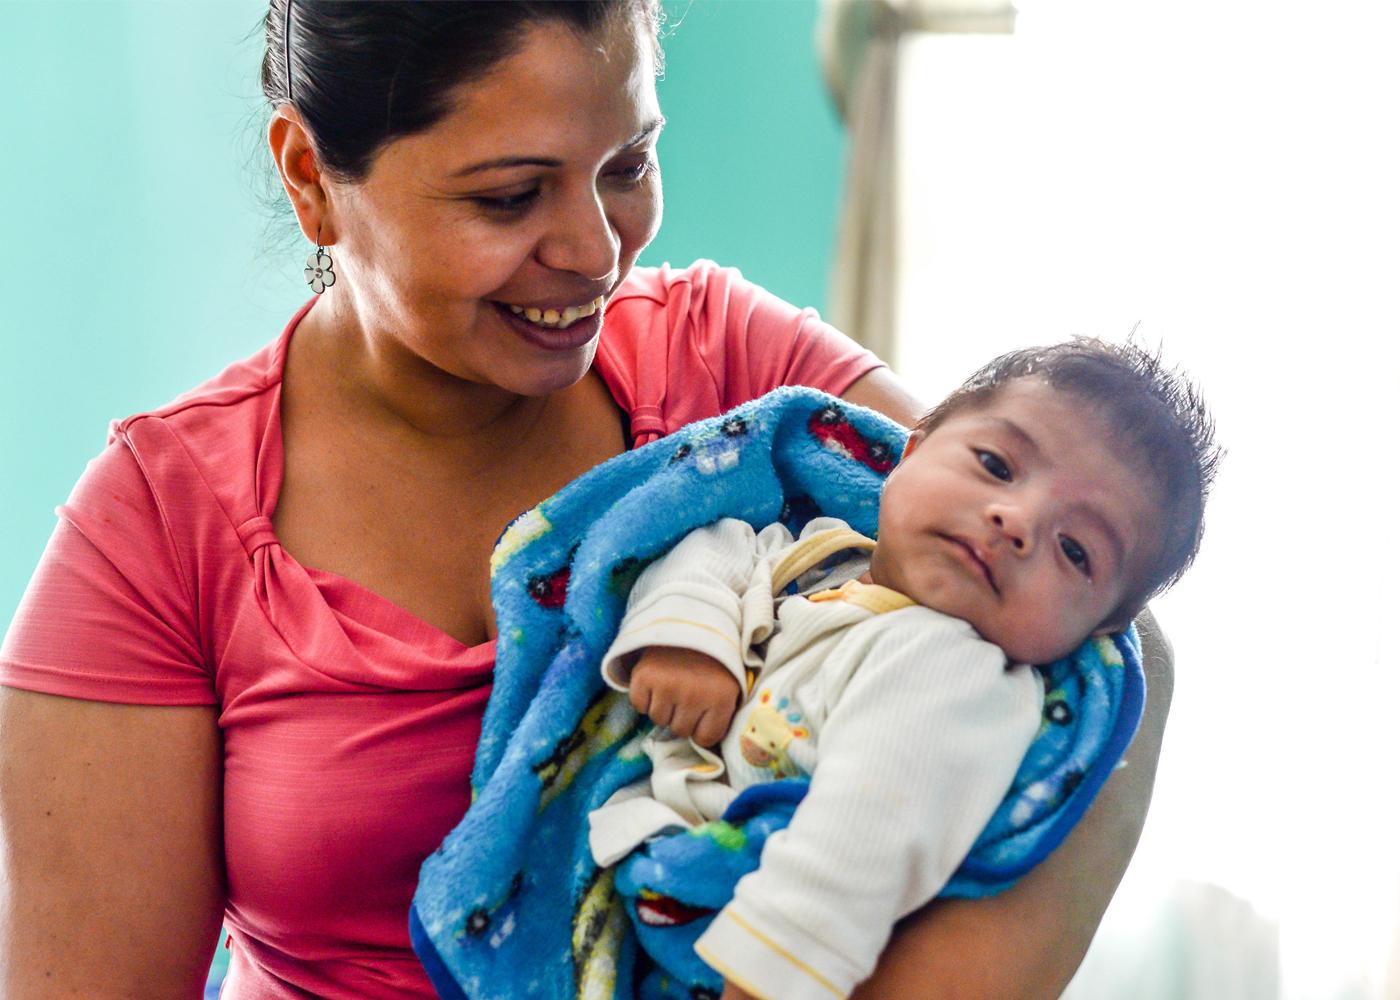 Hispanic Lady holding baby